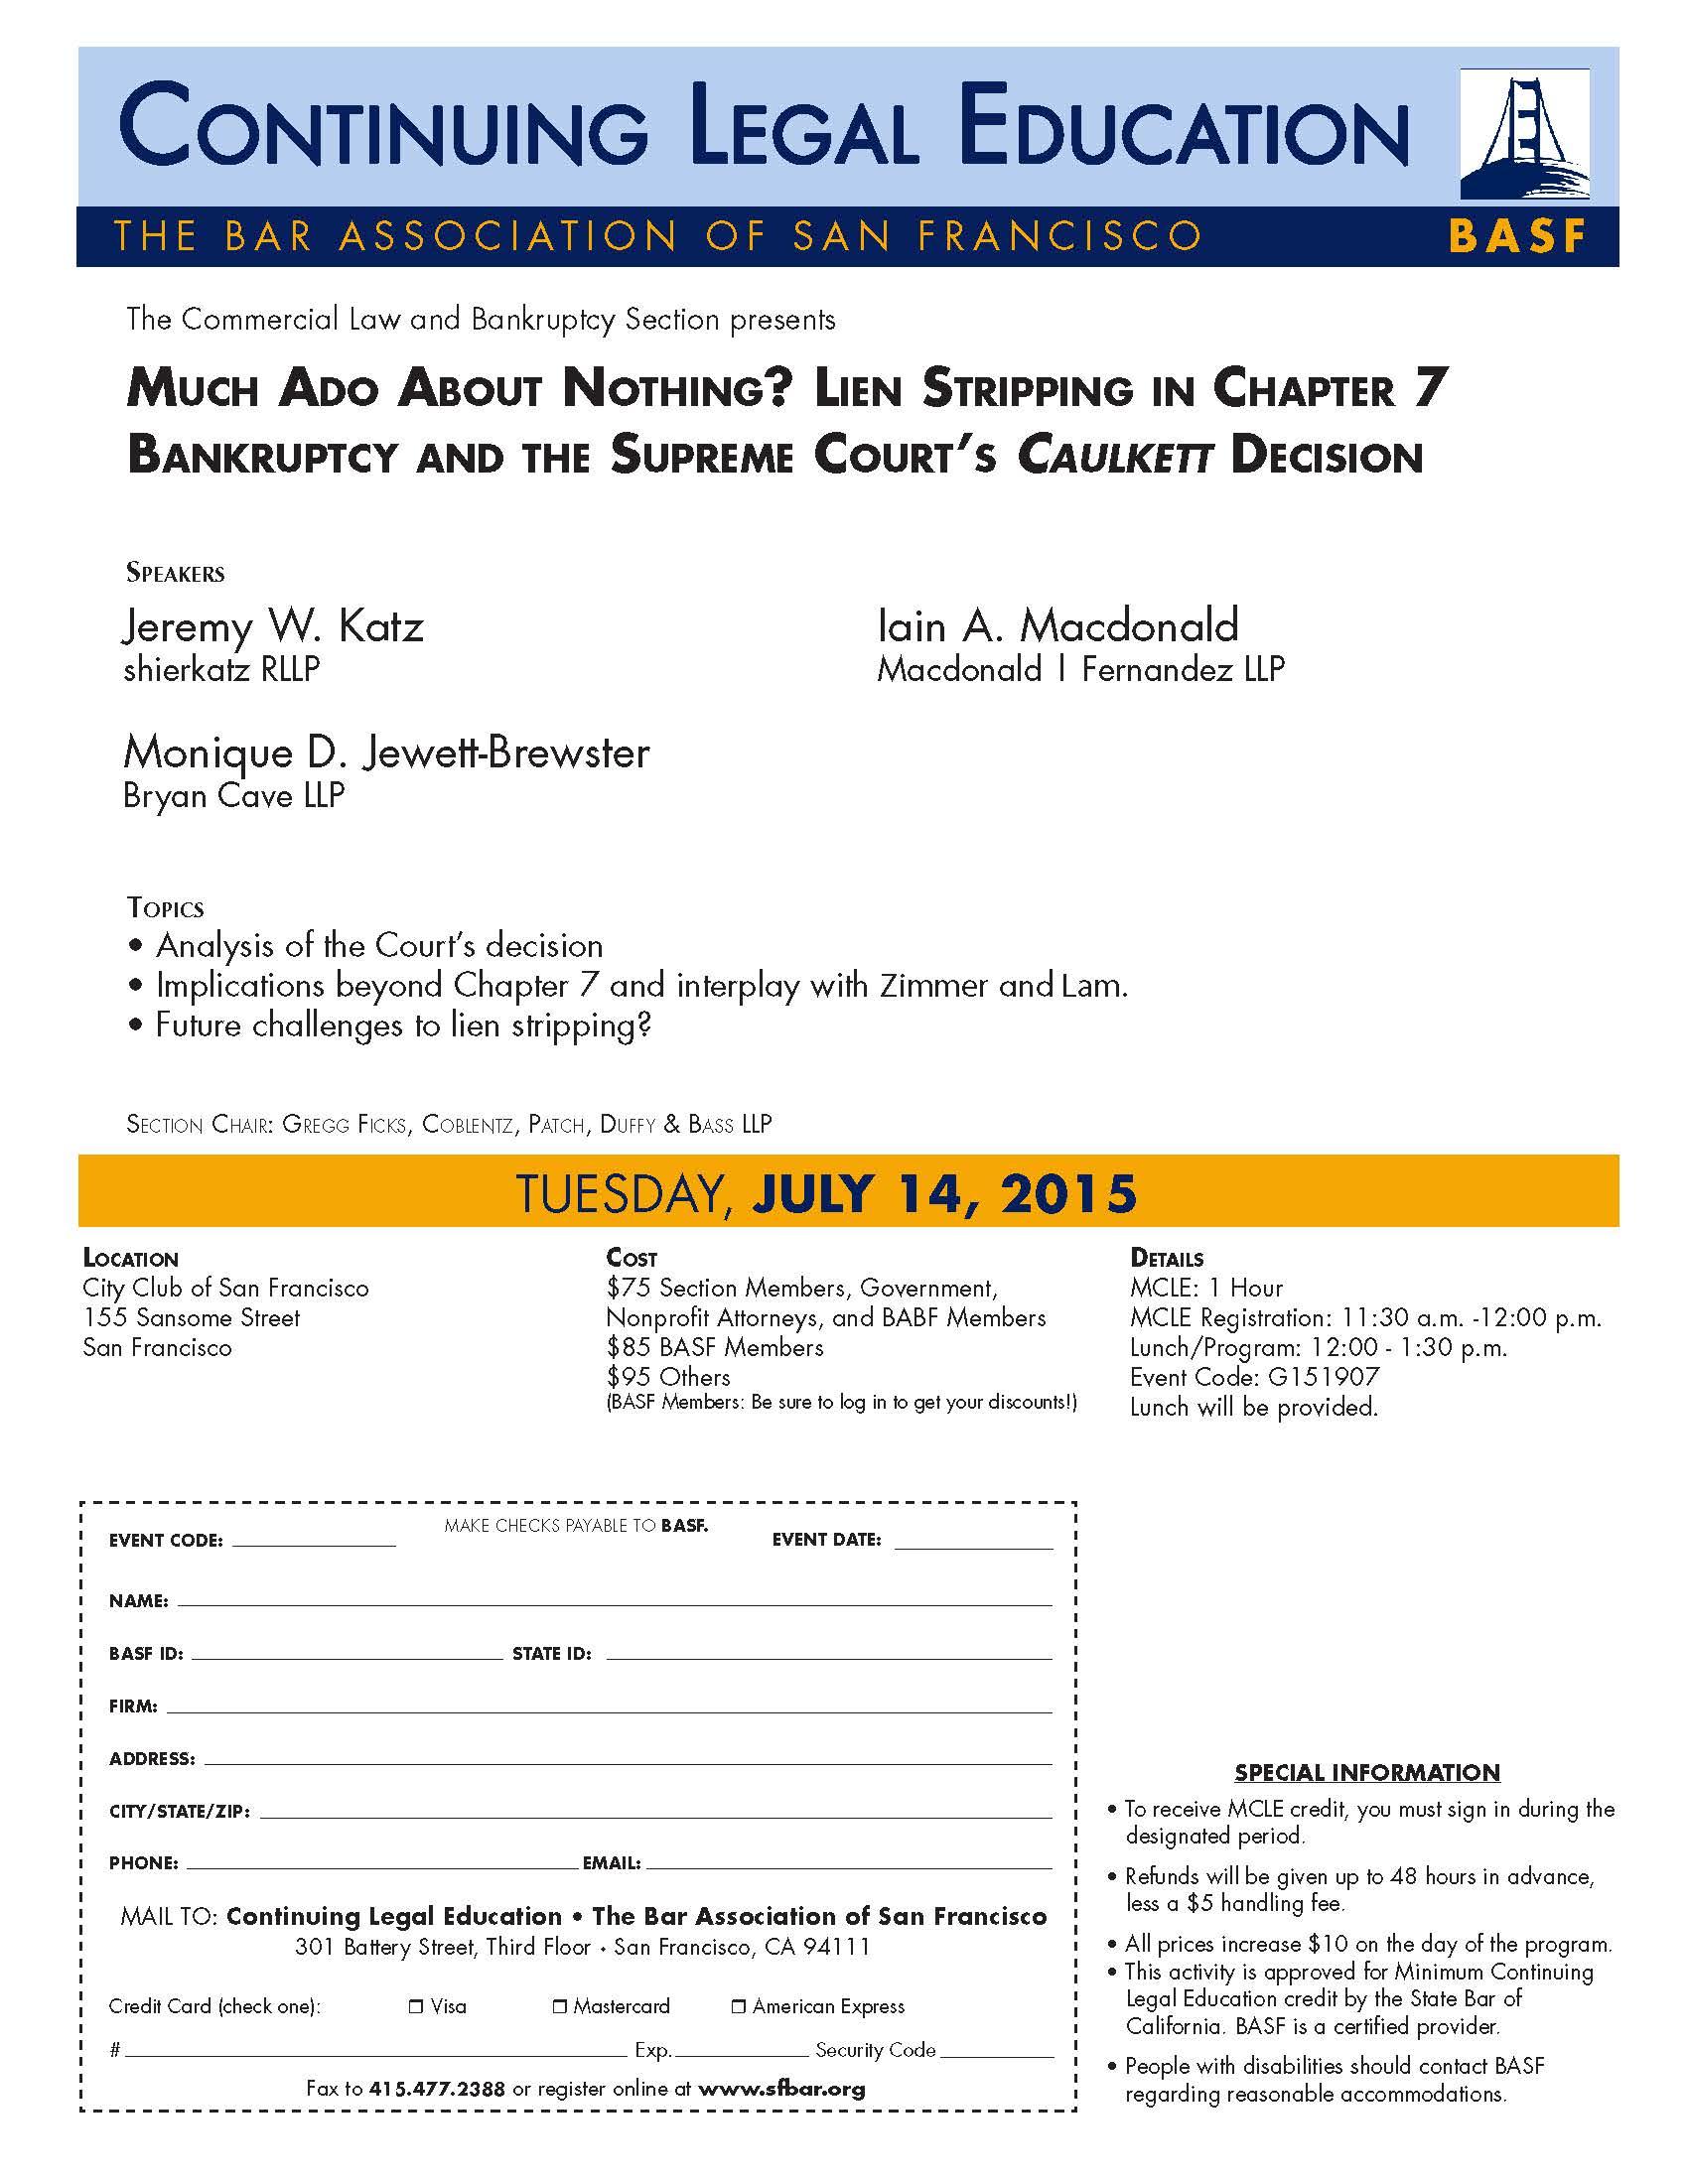 BASF - July 14 program flyer